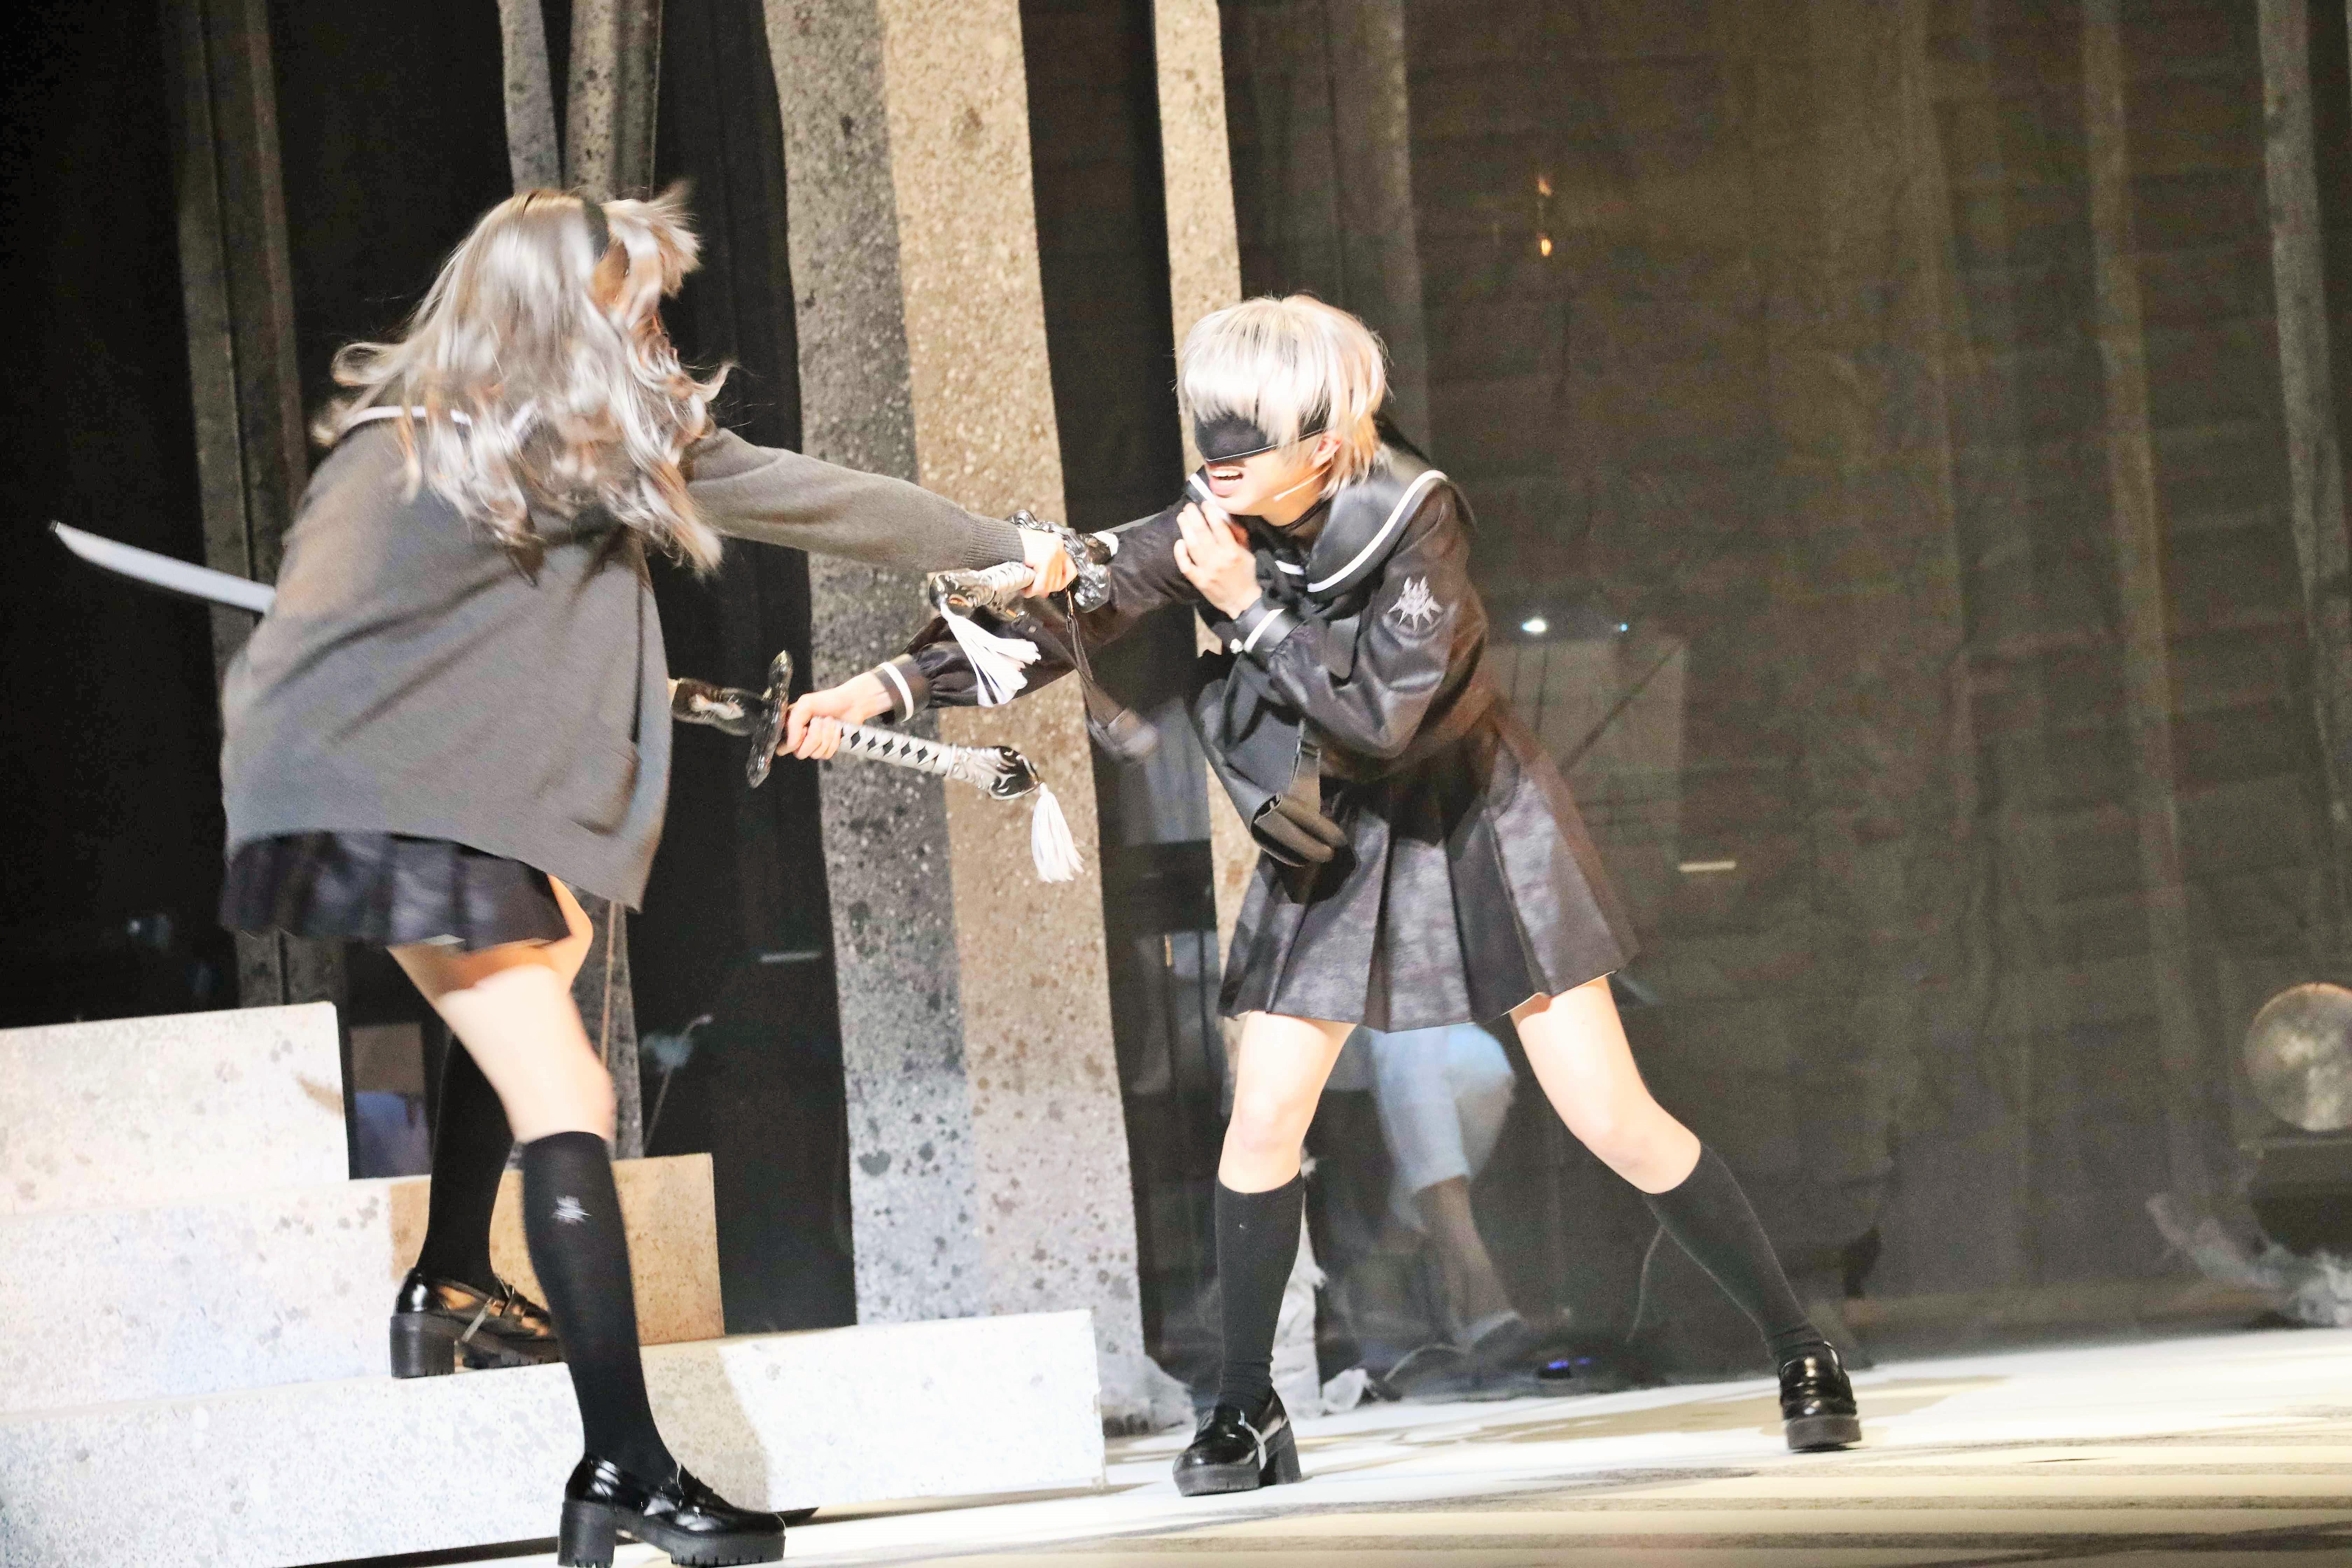 『舞台 少⼥ヨルハVer1.1a』九号を演じる大西桃香(右)